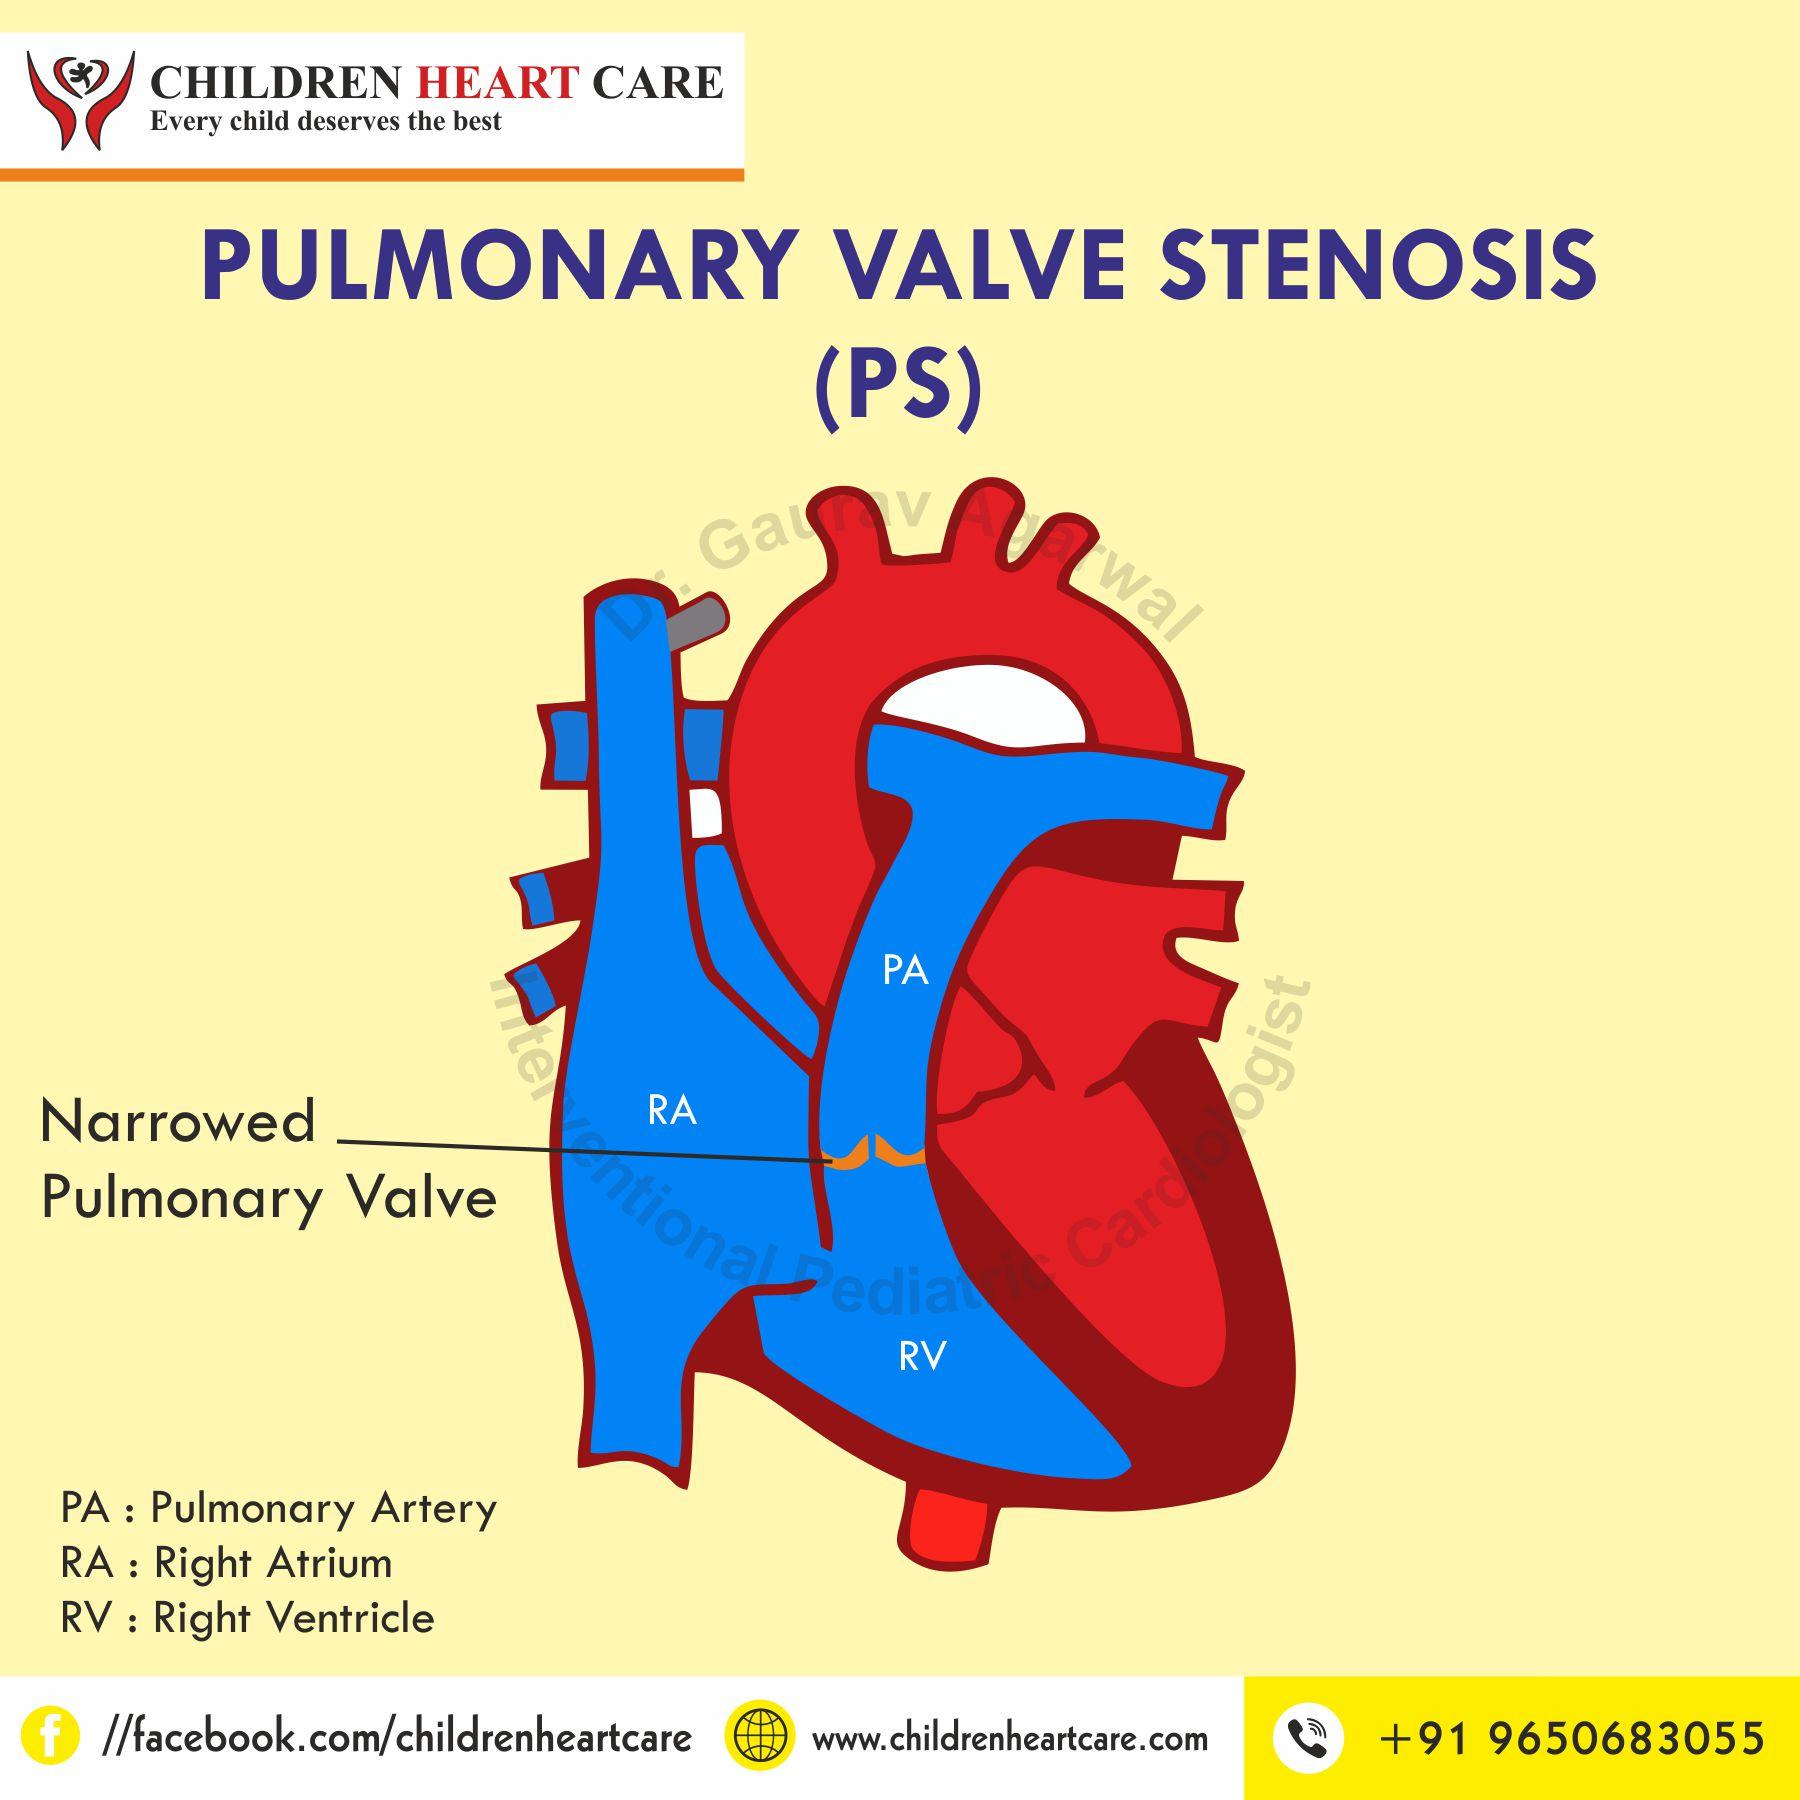 PULMONARY VALVE STENOSIS (PS)